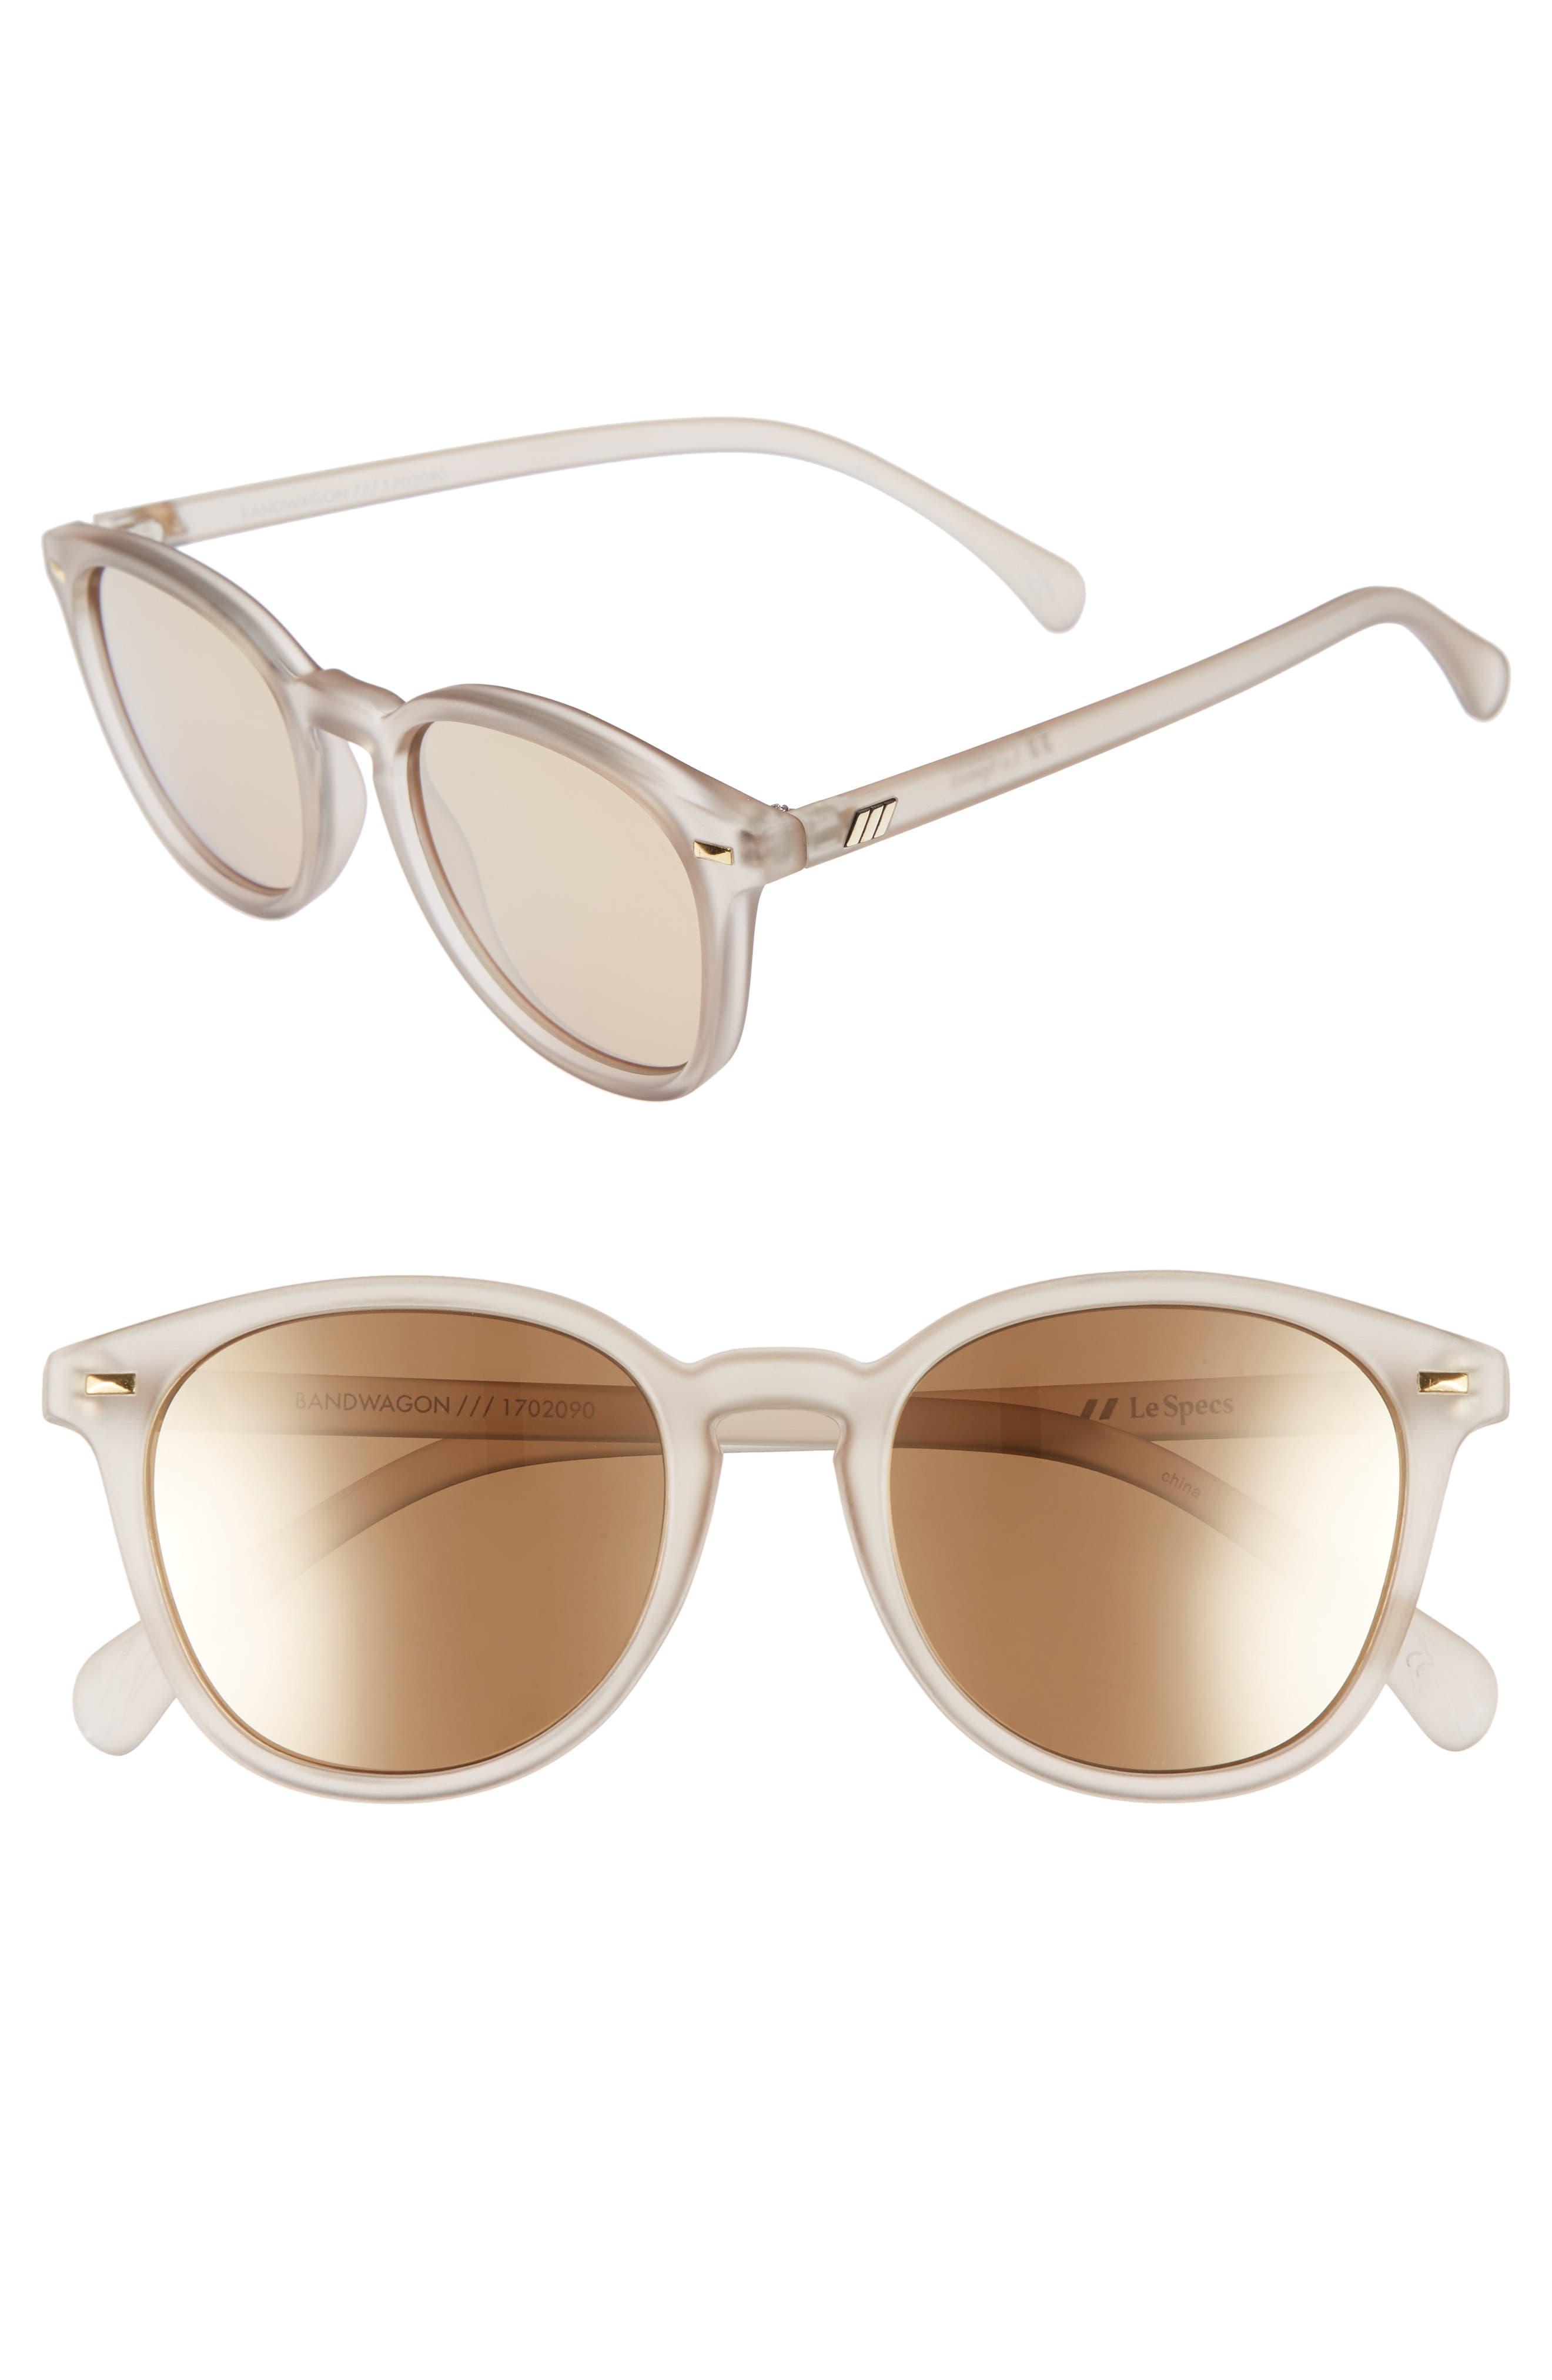 LE SPECS Bandwagon 51mm Sunglasses, Main, color, MATTE STONE